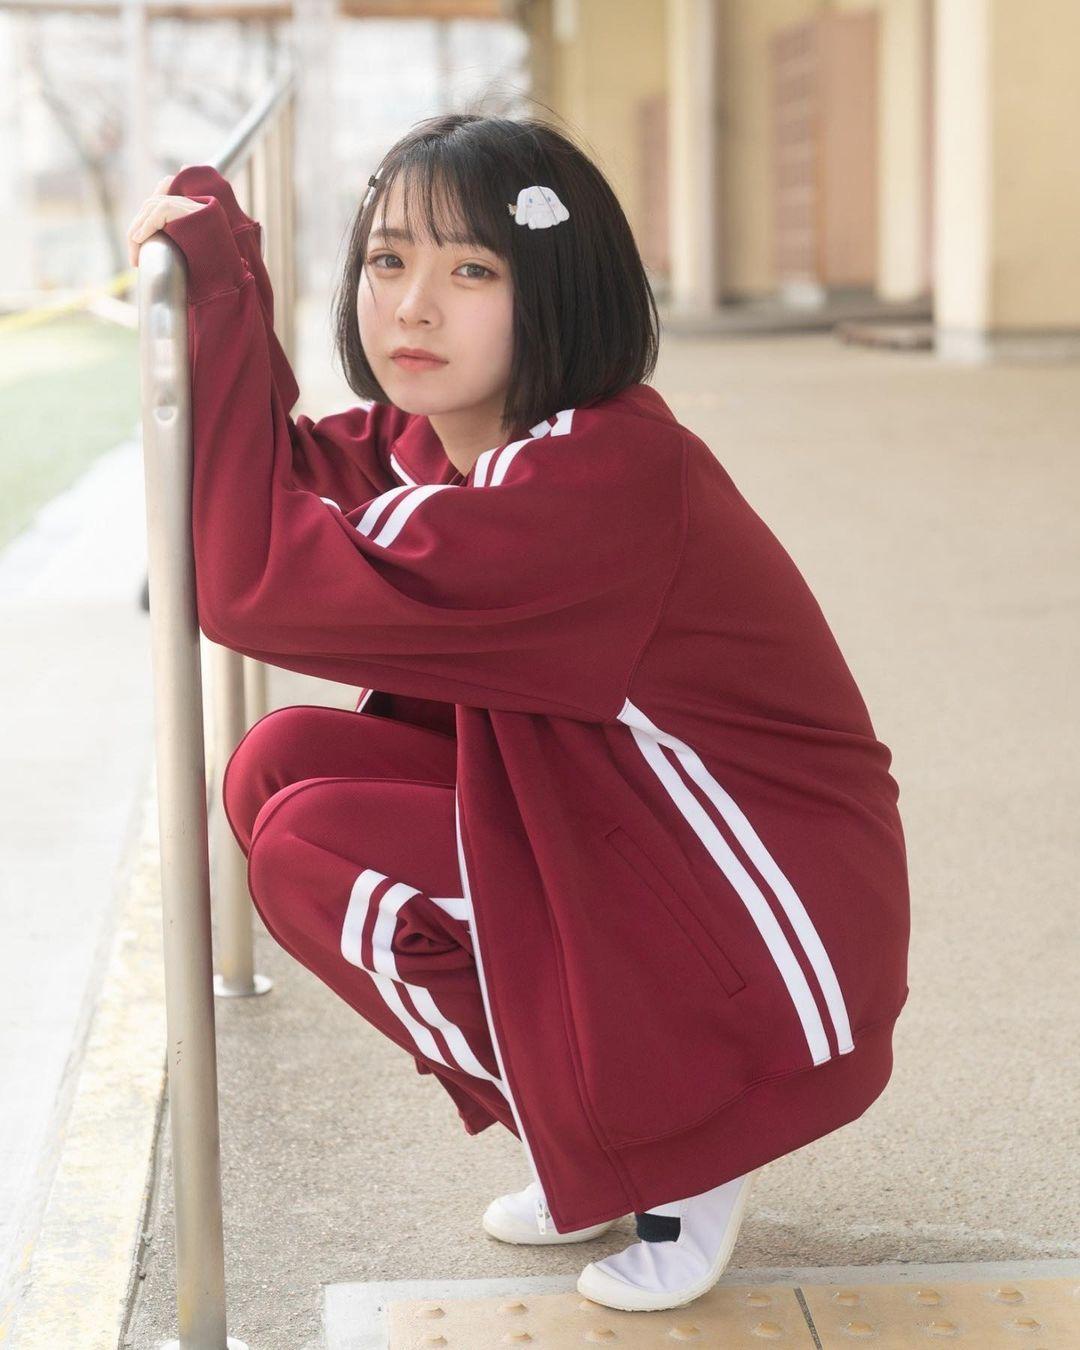 17岁仙女高中生瀬戸りつ绝美长相激似IU 全身散发空灵气质美到有点不真实 养眼图片 第33张